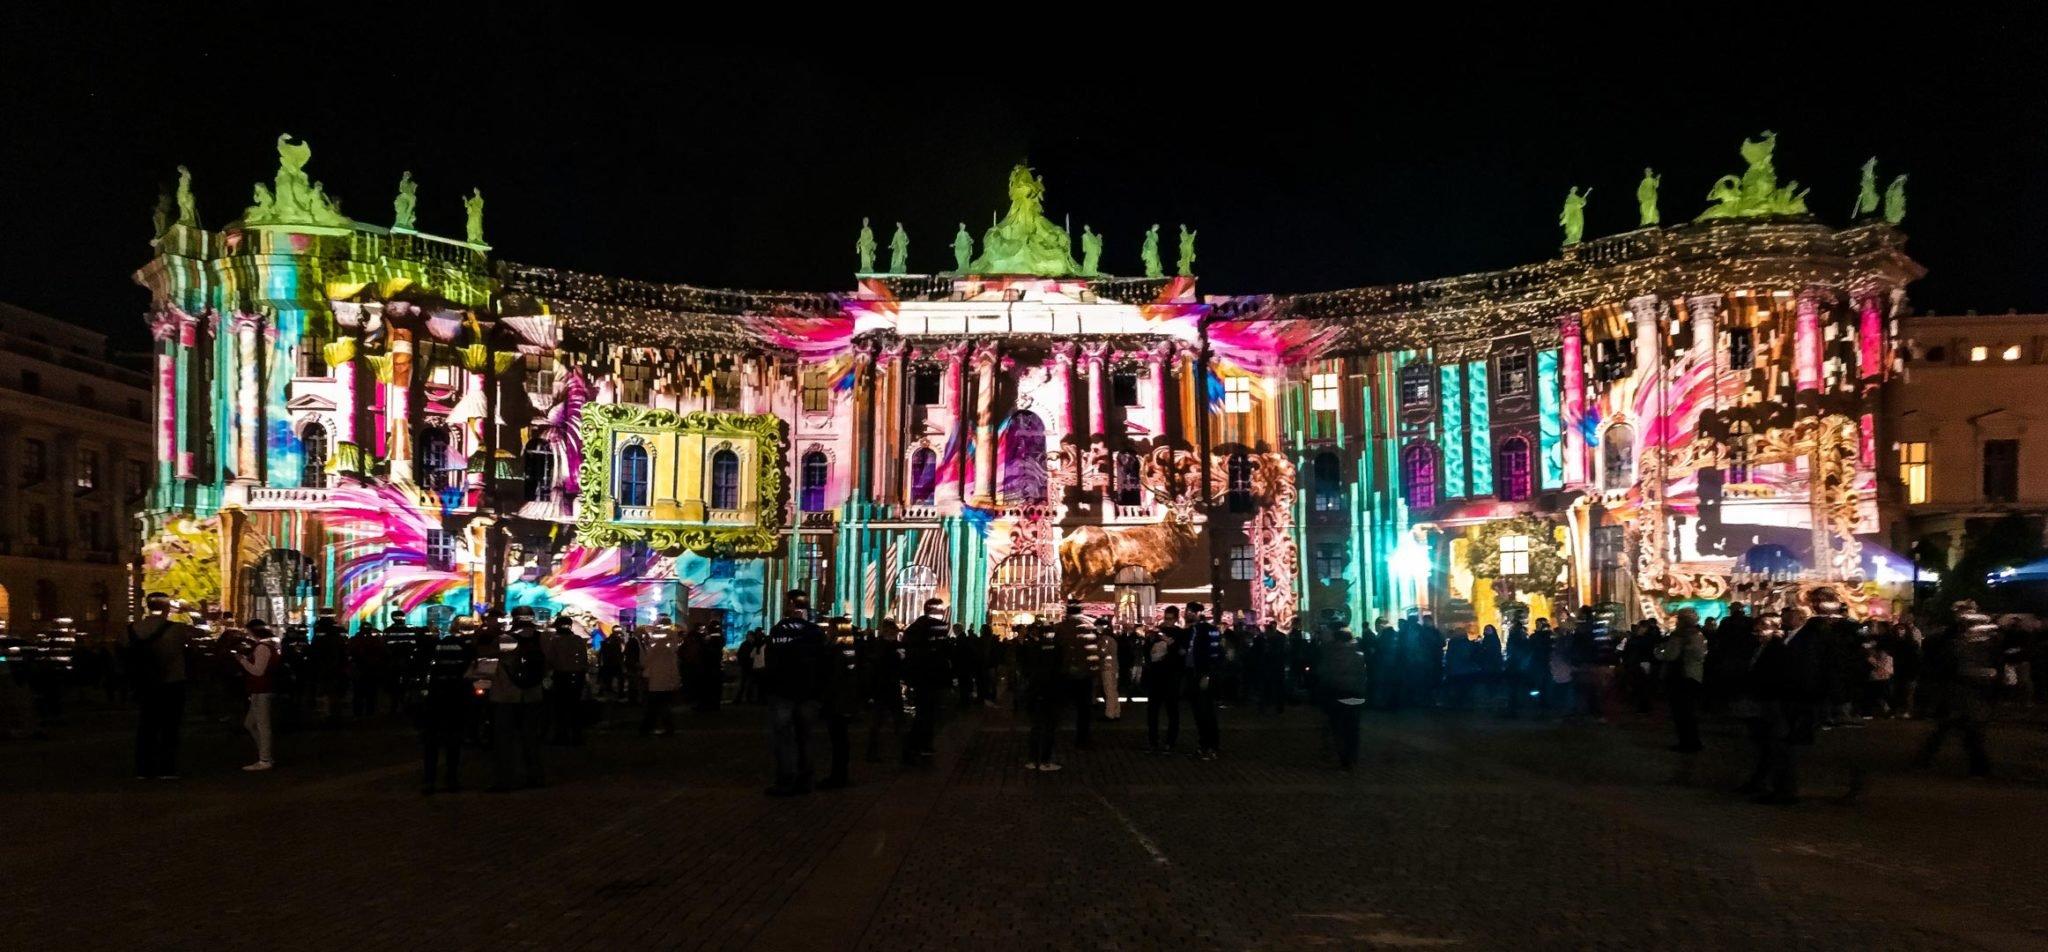 Festival of Lights 2017: Juristische Fakultät am Bebelplatz